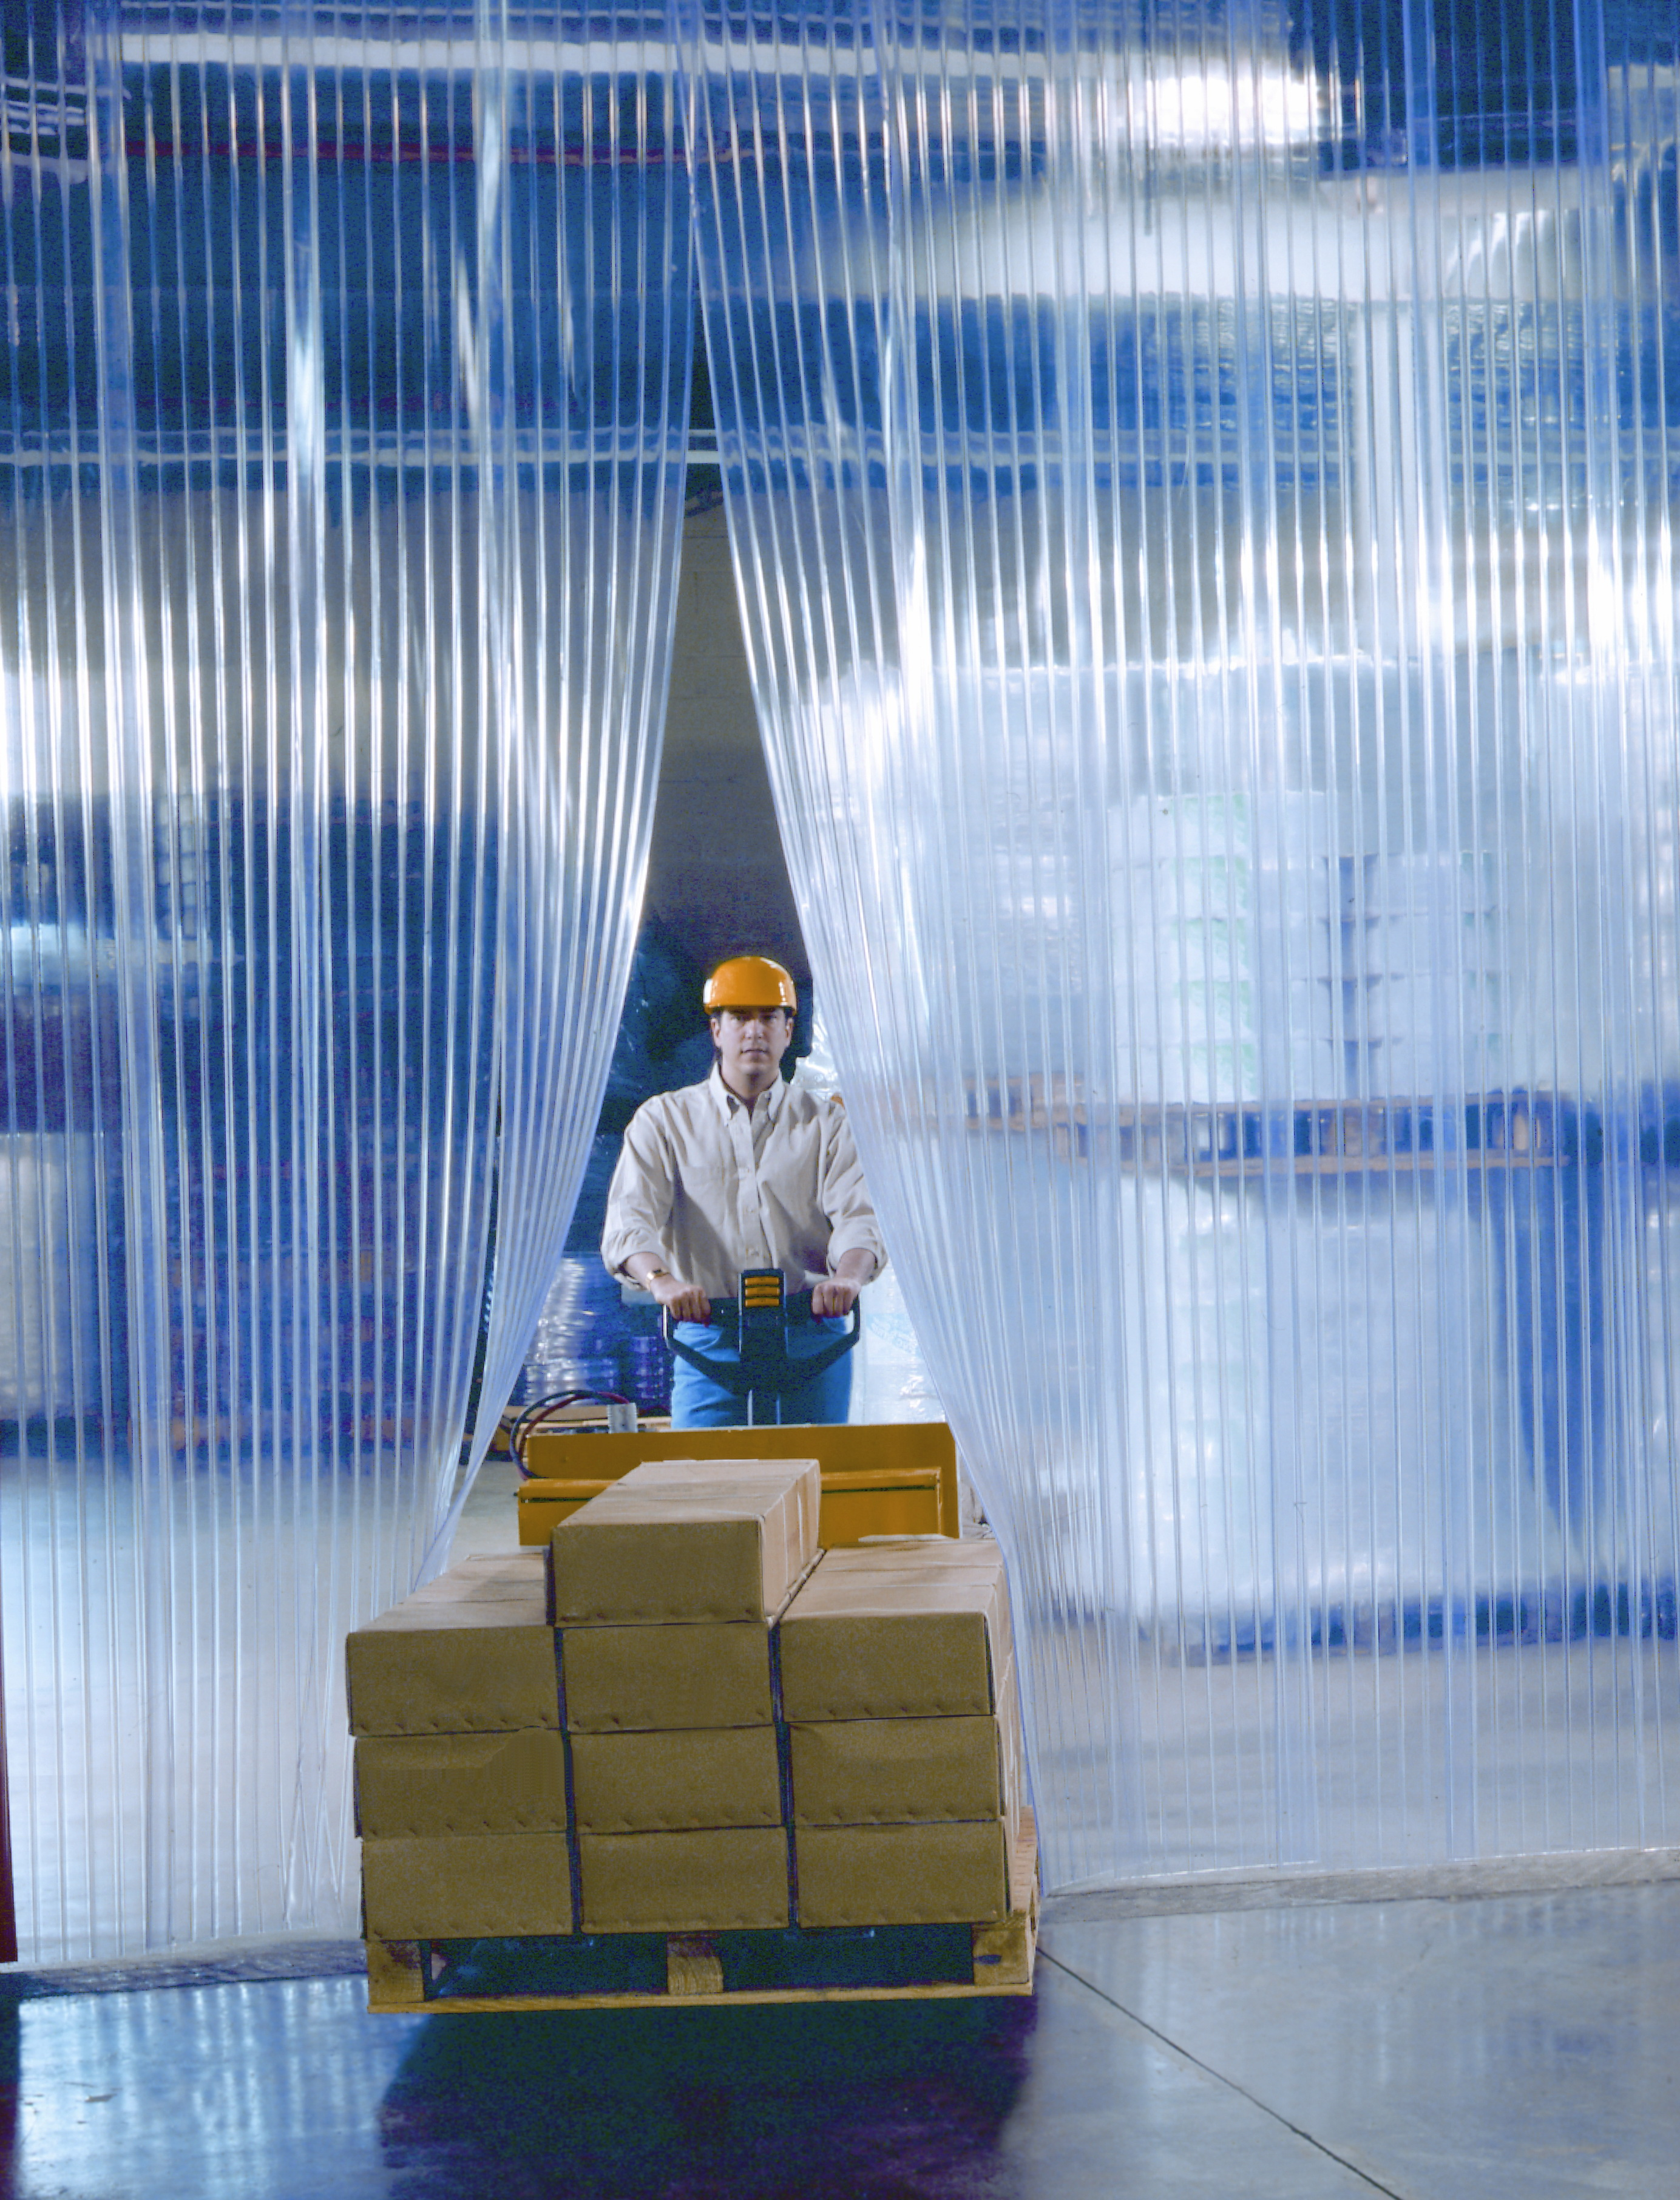 Pvc Strip Curtains Dubai